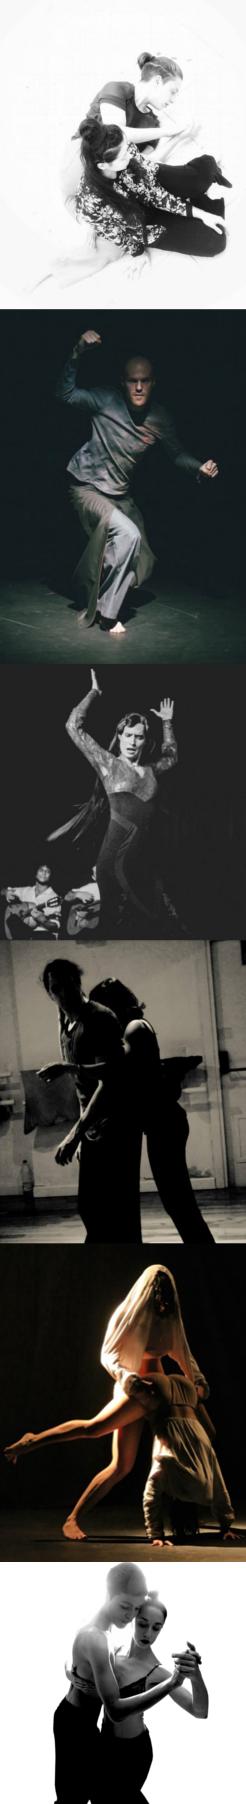 Catalina Mahecha por MANU ARENAS - Jonathan Martineau por RAÚL BARTOLOMÉ - María Keck por FLORENCIA ROVLICH - Jaime Caballero y Clara Pampyn por - Carmen Diéguez y por MIGUEL ÁNGEL GARCÍA - Olaya Aramo y Dari Molina por SOFÍA SILVA